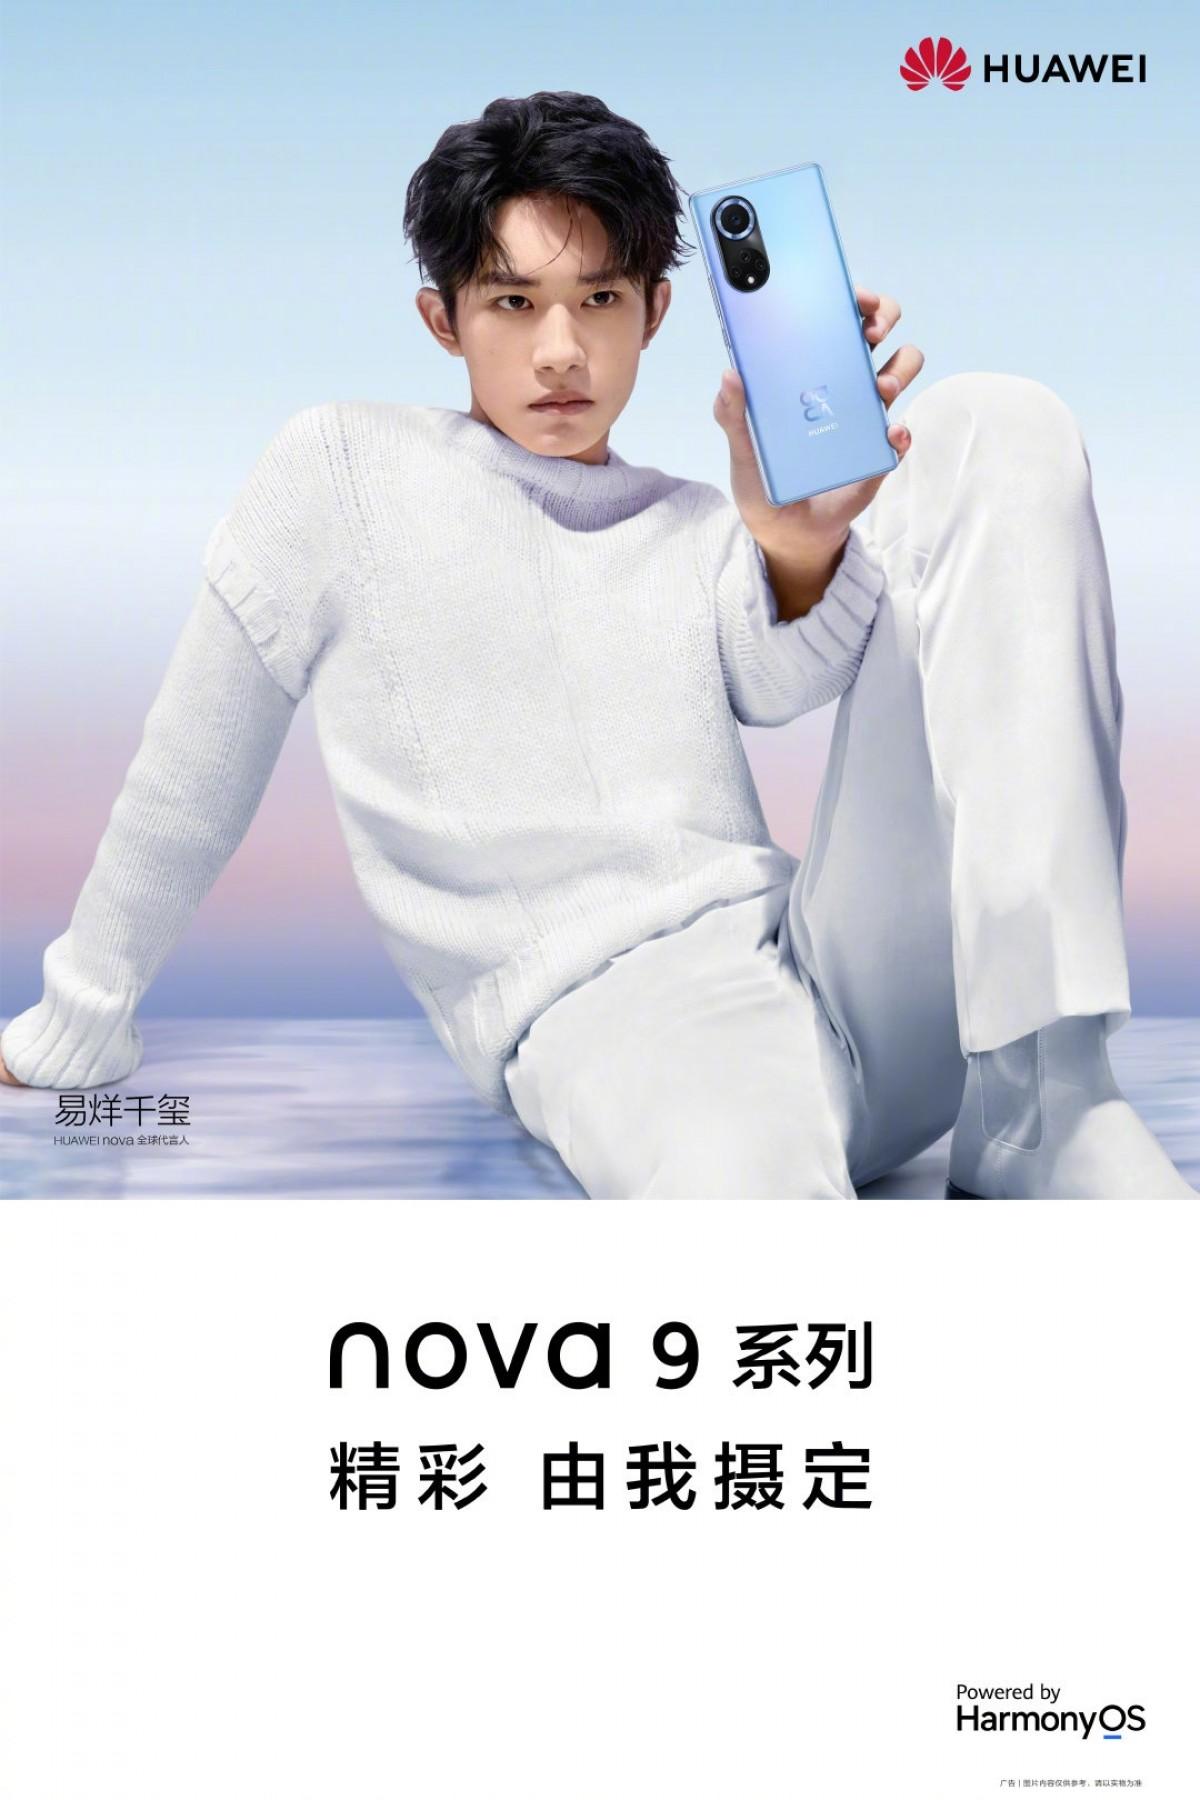 Huawei nova 9 will arrive on September 23